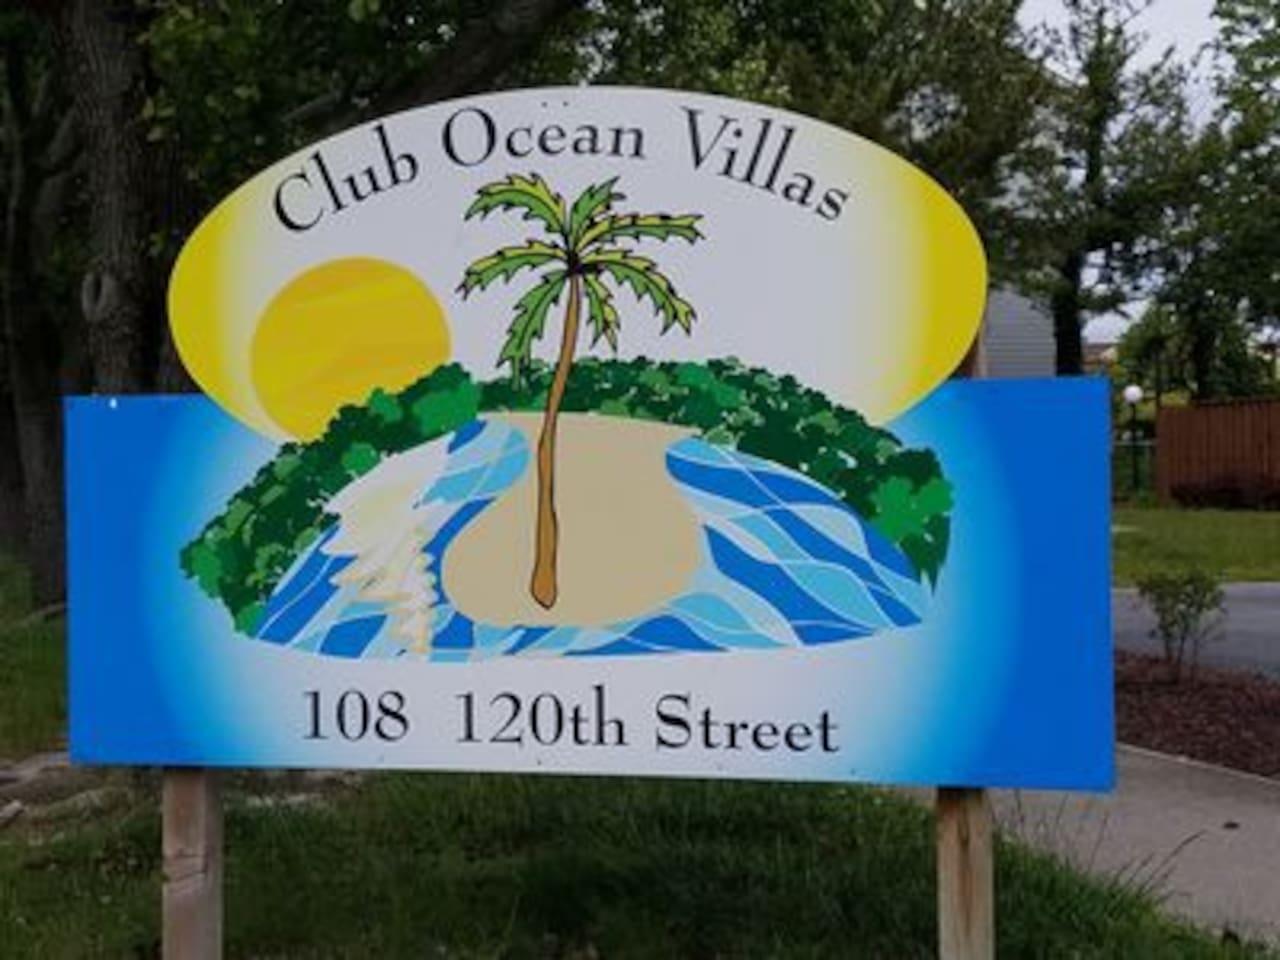 Club Ocean Villas